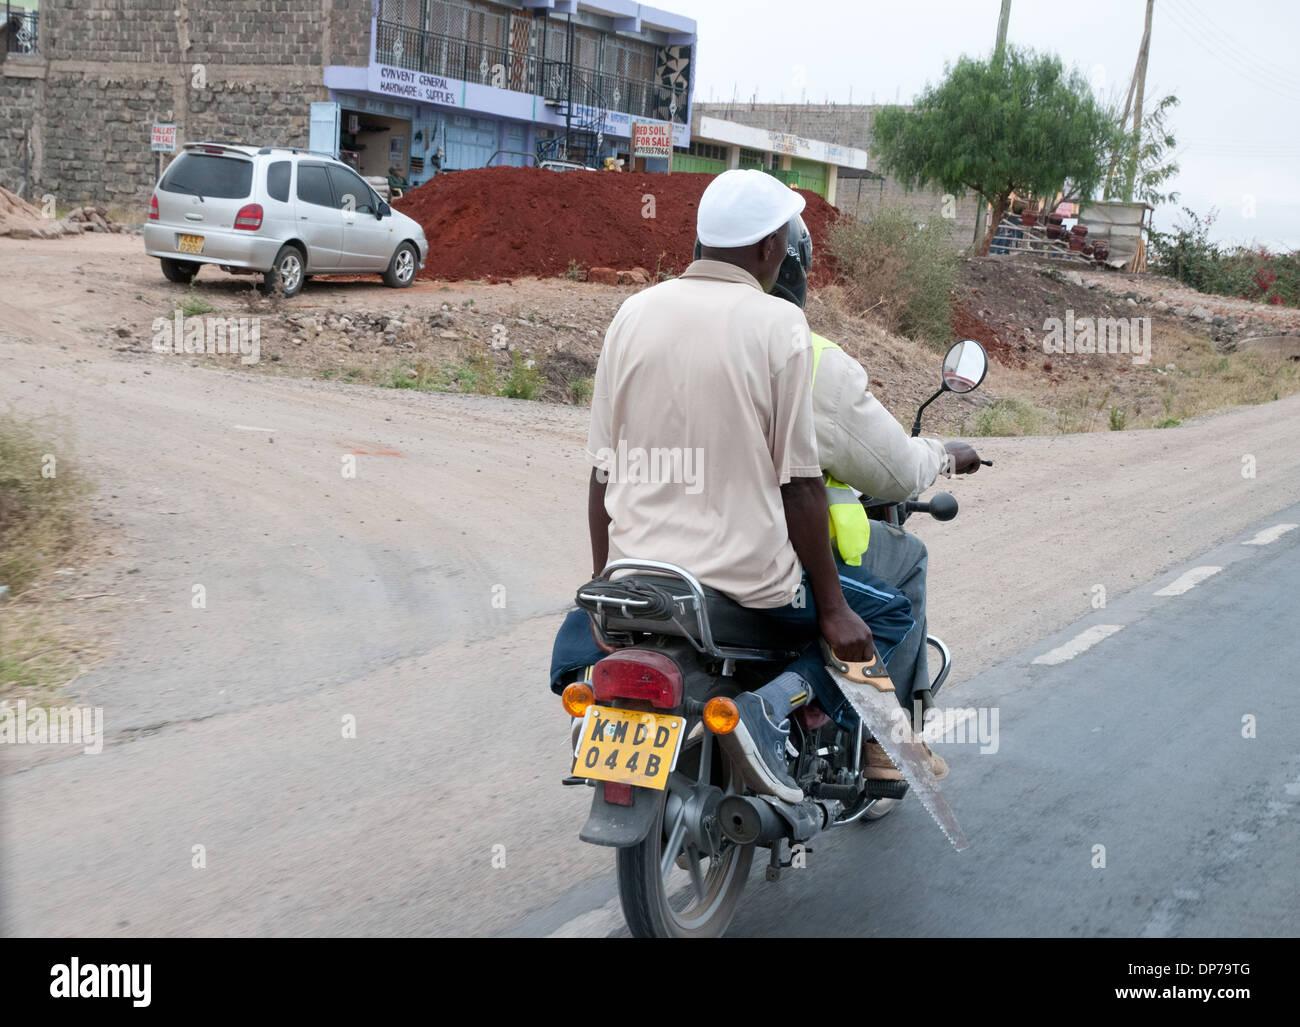 Motor Cycle Taxi with client carrying saw on Nairobi Namanga road at Kajiado Kenya Africa - Stock Image